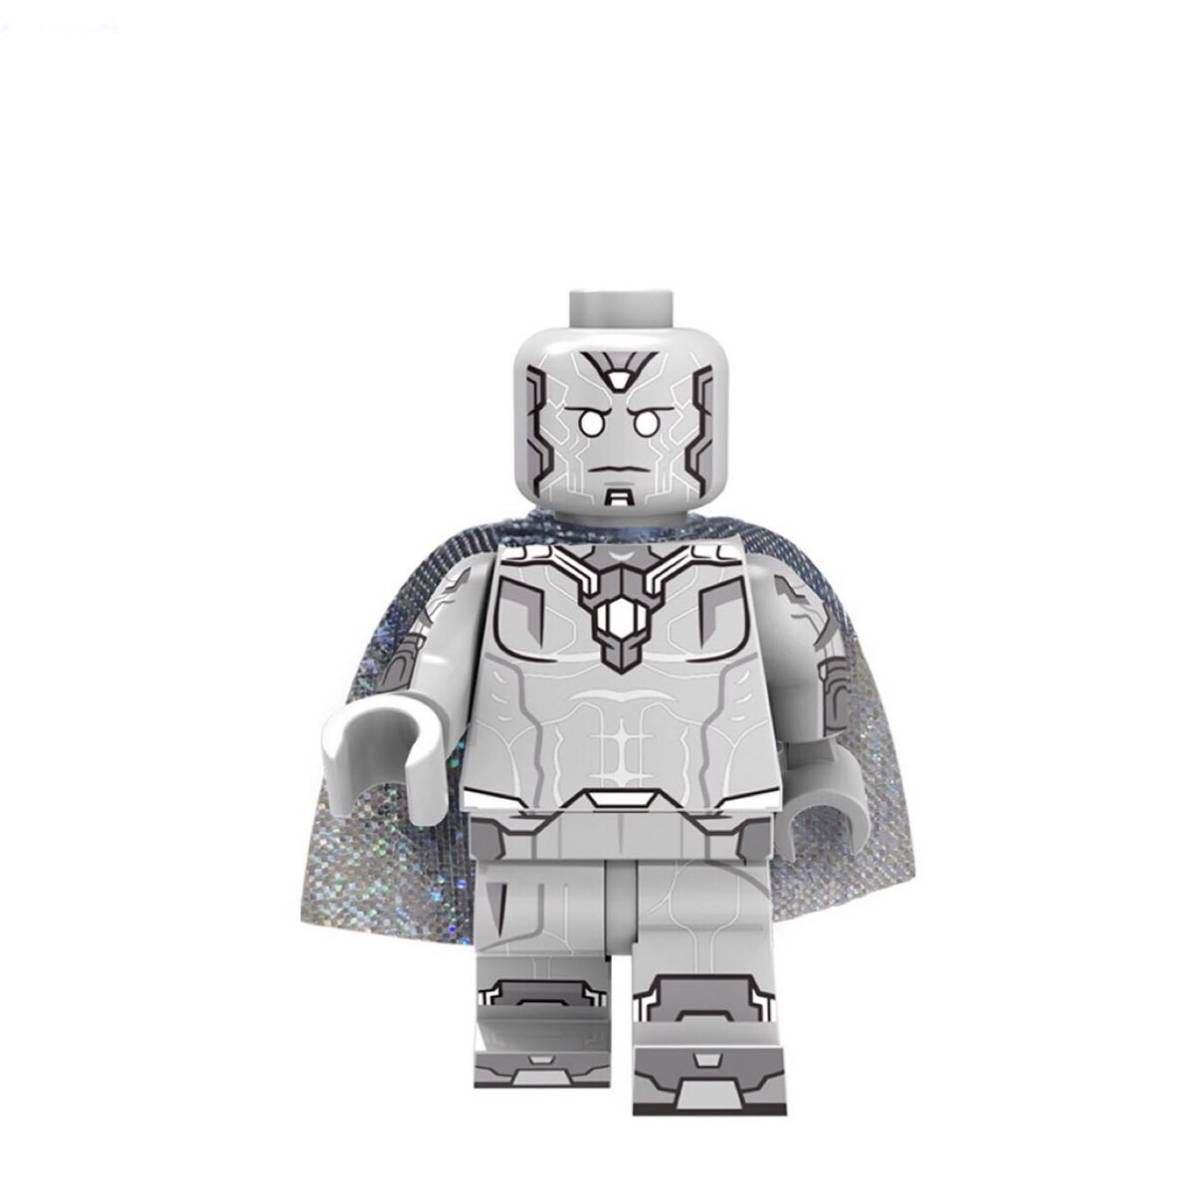 1体 幽魂ビジョン マーベル アベンジャーズ ミニフィグ LEGO 互換 ブロック ミニフィギュア レゴ 互換 e_画像1